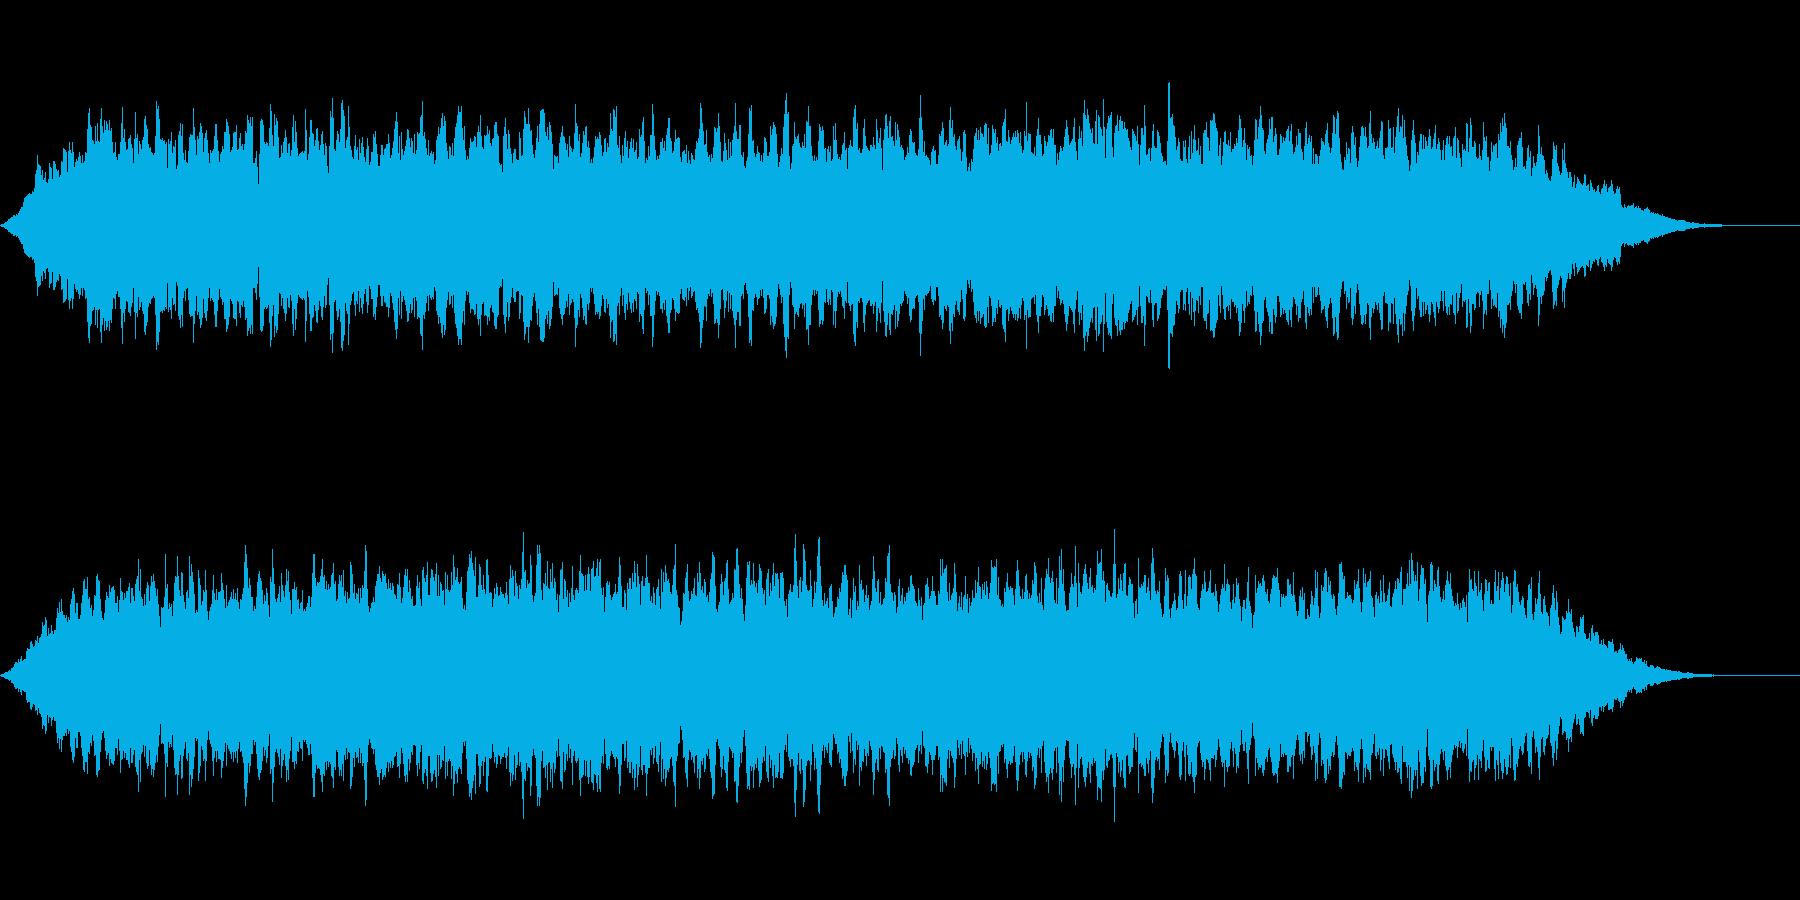 Dark_ホラーで怪しく神秘的-17_Sの再生済みの波形